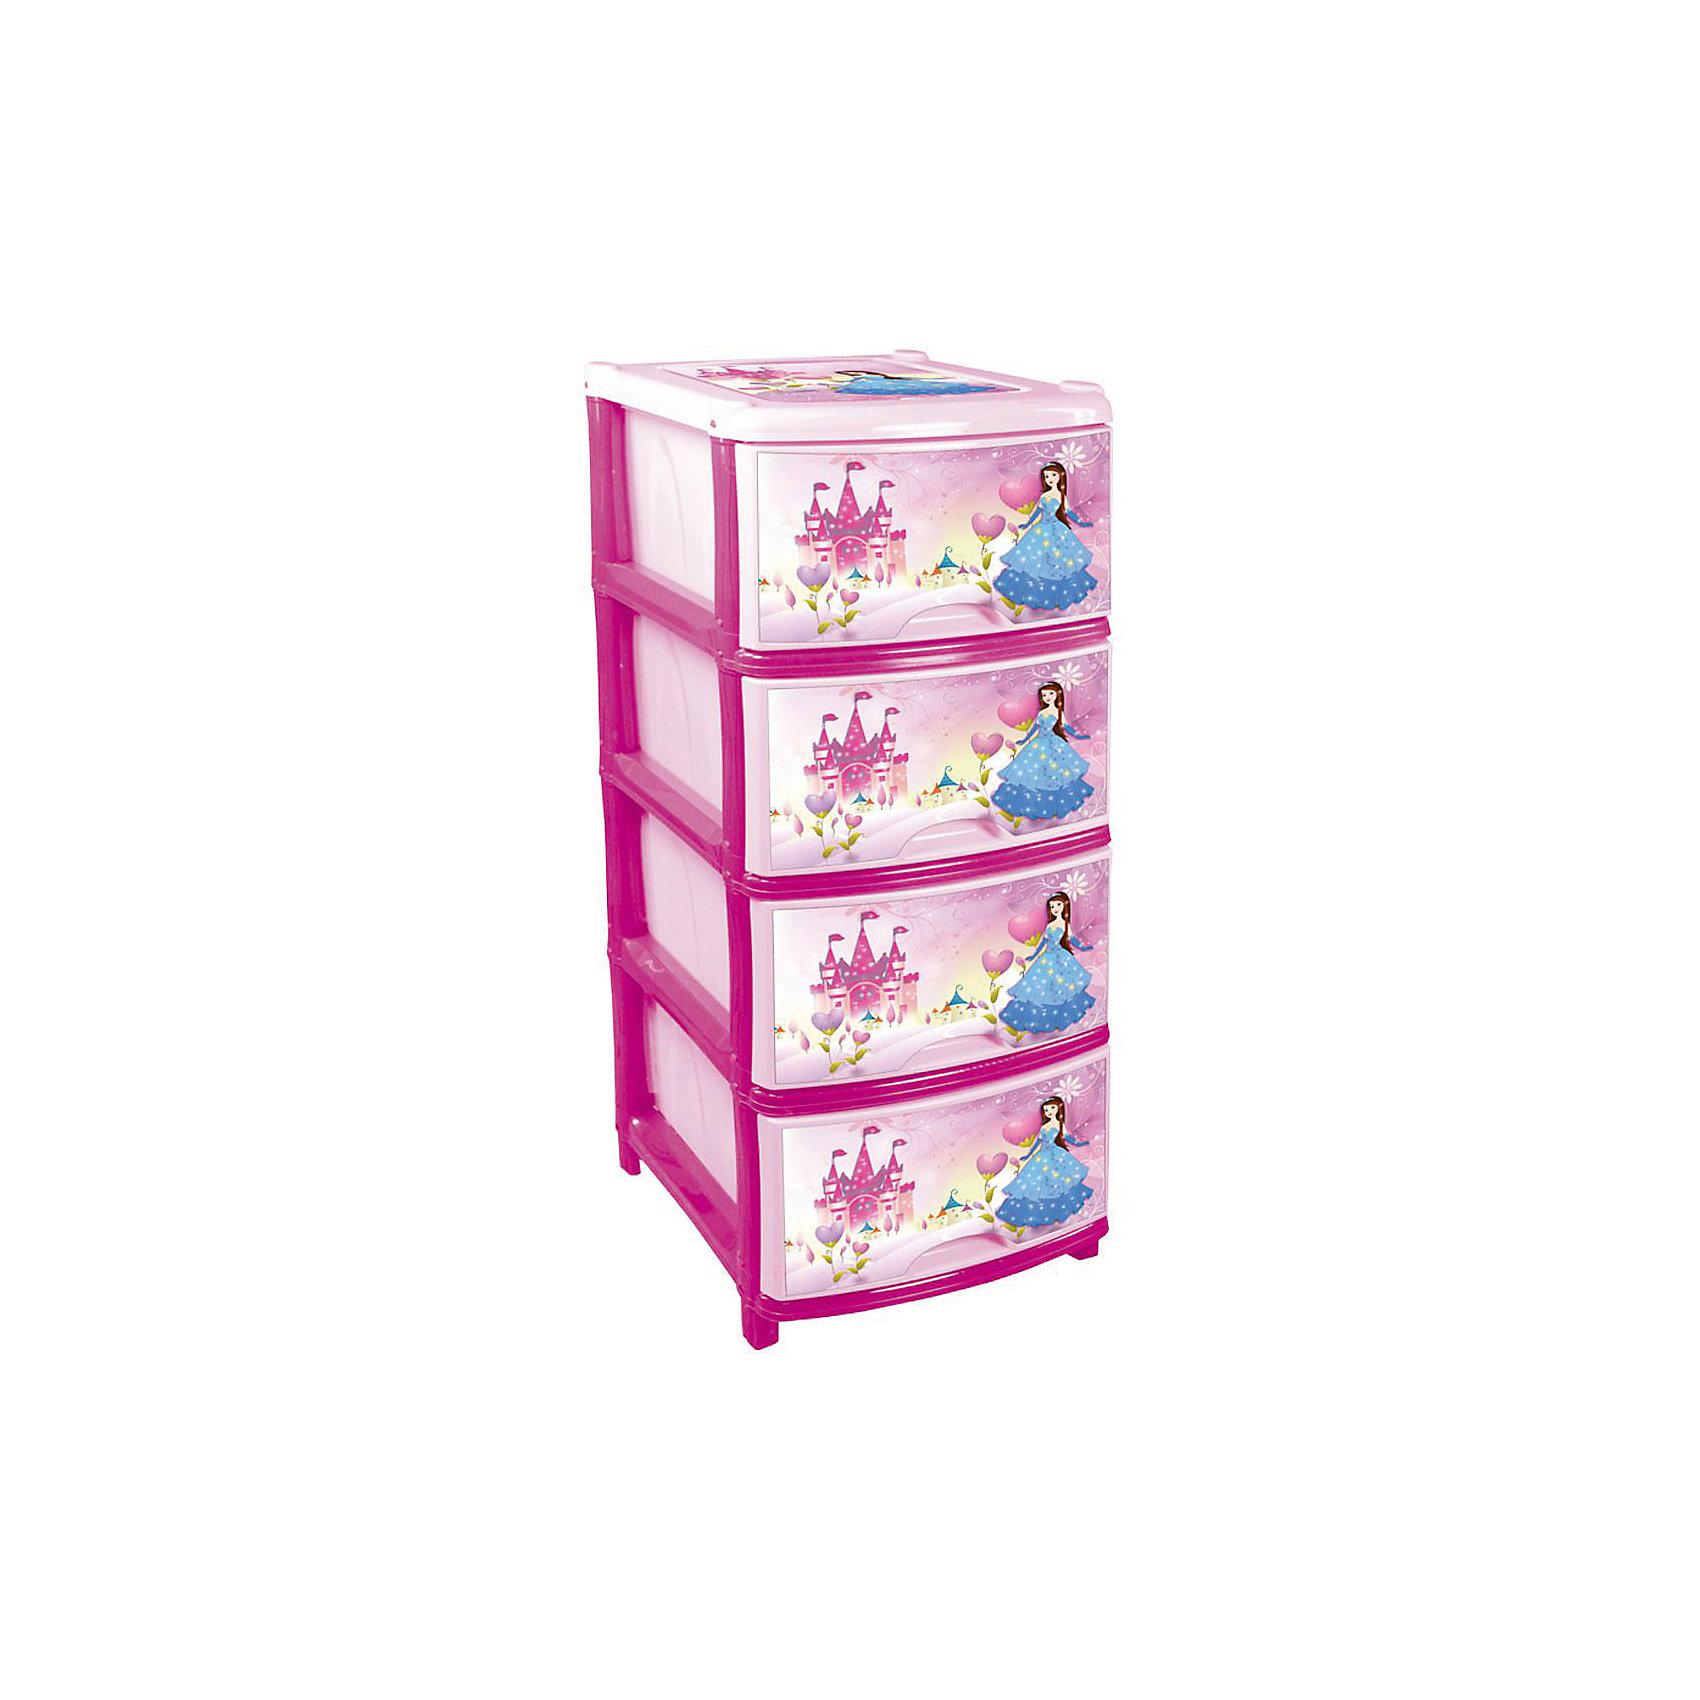 Комод (для девочек) 4-х секционный, AlternativaХарактеристики:<br><br>• Предназначение: для детской комнаты<br>• Пол: для девочки<br>• Материал: пластик<br>• Цвет: розовый, голубой, желтый<br>• Размер (Д*Ш*В):  48*38*98 см<br>• Вес: 5 кг 300 г<br>• Количество секций: 4 шт.<br>• Тип ящиков: выдвижные, с ручками<br>• В комплекте имеется инструкция по сборке<br>• Форма: прямоугольный<br>• Особенности ухода: разрешается мыть теплой водой<br><br>Комод (для девочек) 4-х секционный, Alternativa изготовлен отечественным производителем ООО ЗПИ Альтернатива, который специализируется на выпуске широкого спектра изделий и предметов мебели из пластика. Комод выполнен из экологически безопасного материала, устойчивого к механическим повреждениям. Имеет компактный размер и повышенную вместимость за счет глубоких ящиков. Каркас комода устойчивый, ножки оснащены маленькими колесиками для удобства передвижения. Выдвижные ящики оформлены декором сюжетных картинок с принцессой. Комод (для девочек) 4-х секционный, Alternativa станет не только полезным для хранения различных принадлежностей, но и ярким предметом интерьера. <br><br>Комод (для девочек) 4-х секционный, Alternativa можно купить в нашем интернет-магазине.<br><br>Ширина мм: 480<br>Глубина мм: 380<br>Высота мм: 980<br>Вес г: 4408<br>Возраст от месяцев: -2147483648<br>Возраст до месяцев: 2147483647<br>Пол: Женский<br>Возраст: Детский<br>SKU: 5096538